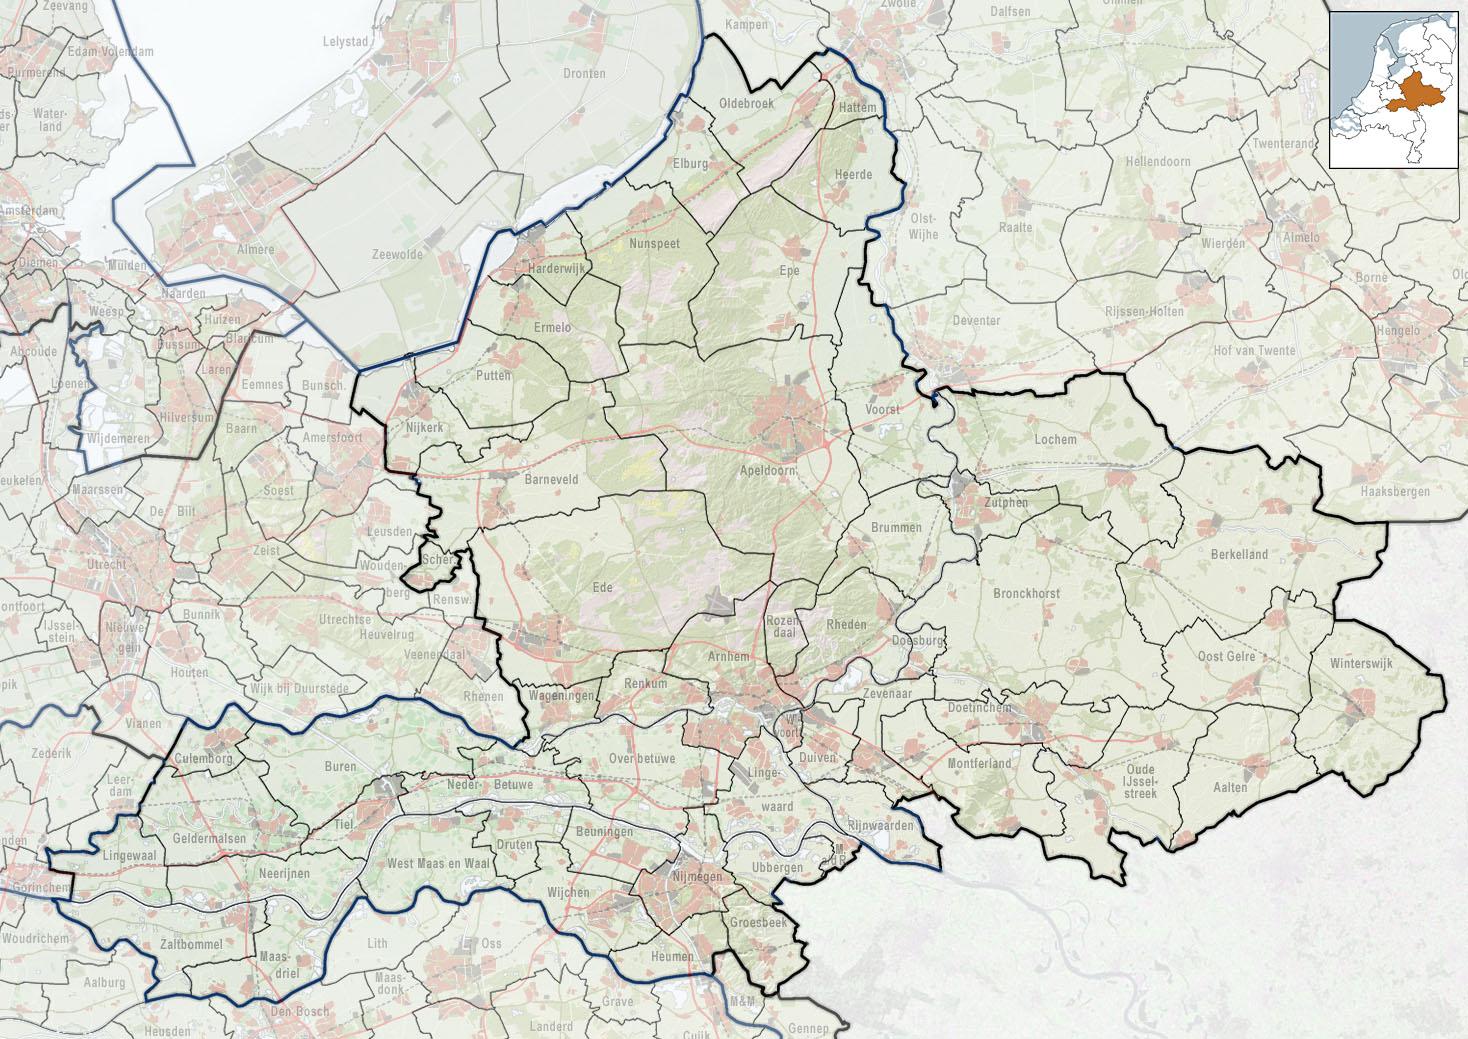 2010-NL-P05-Gelderland-positiekaart-gemnamen